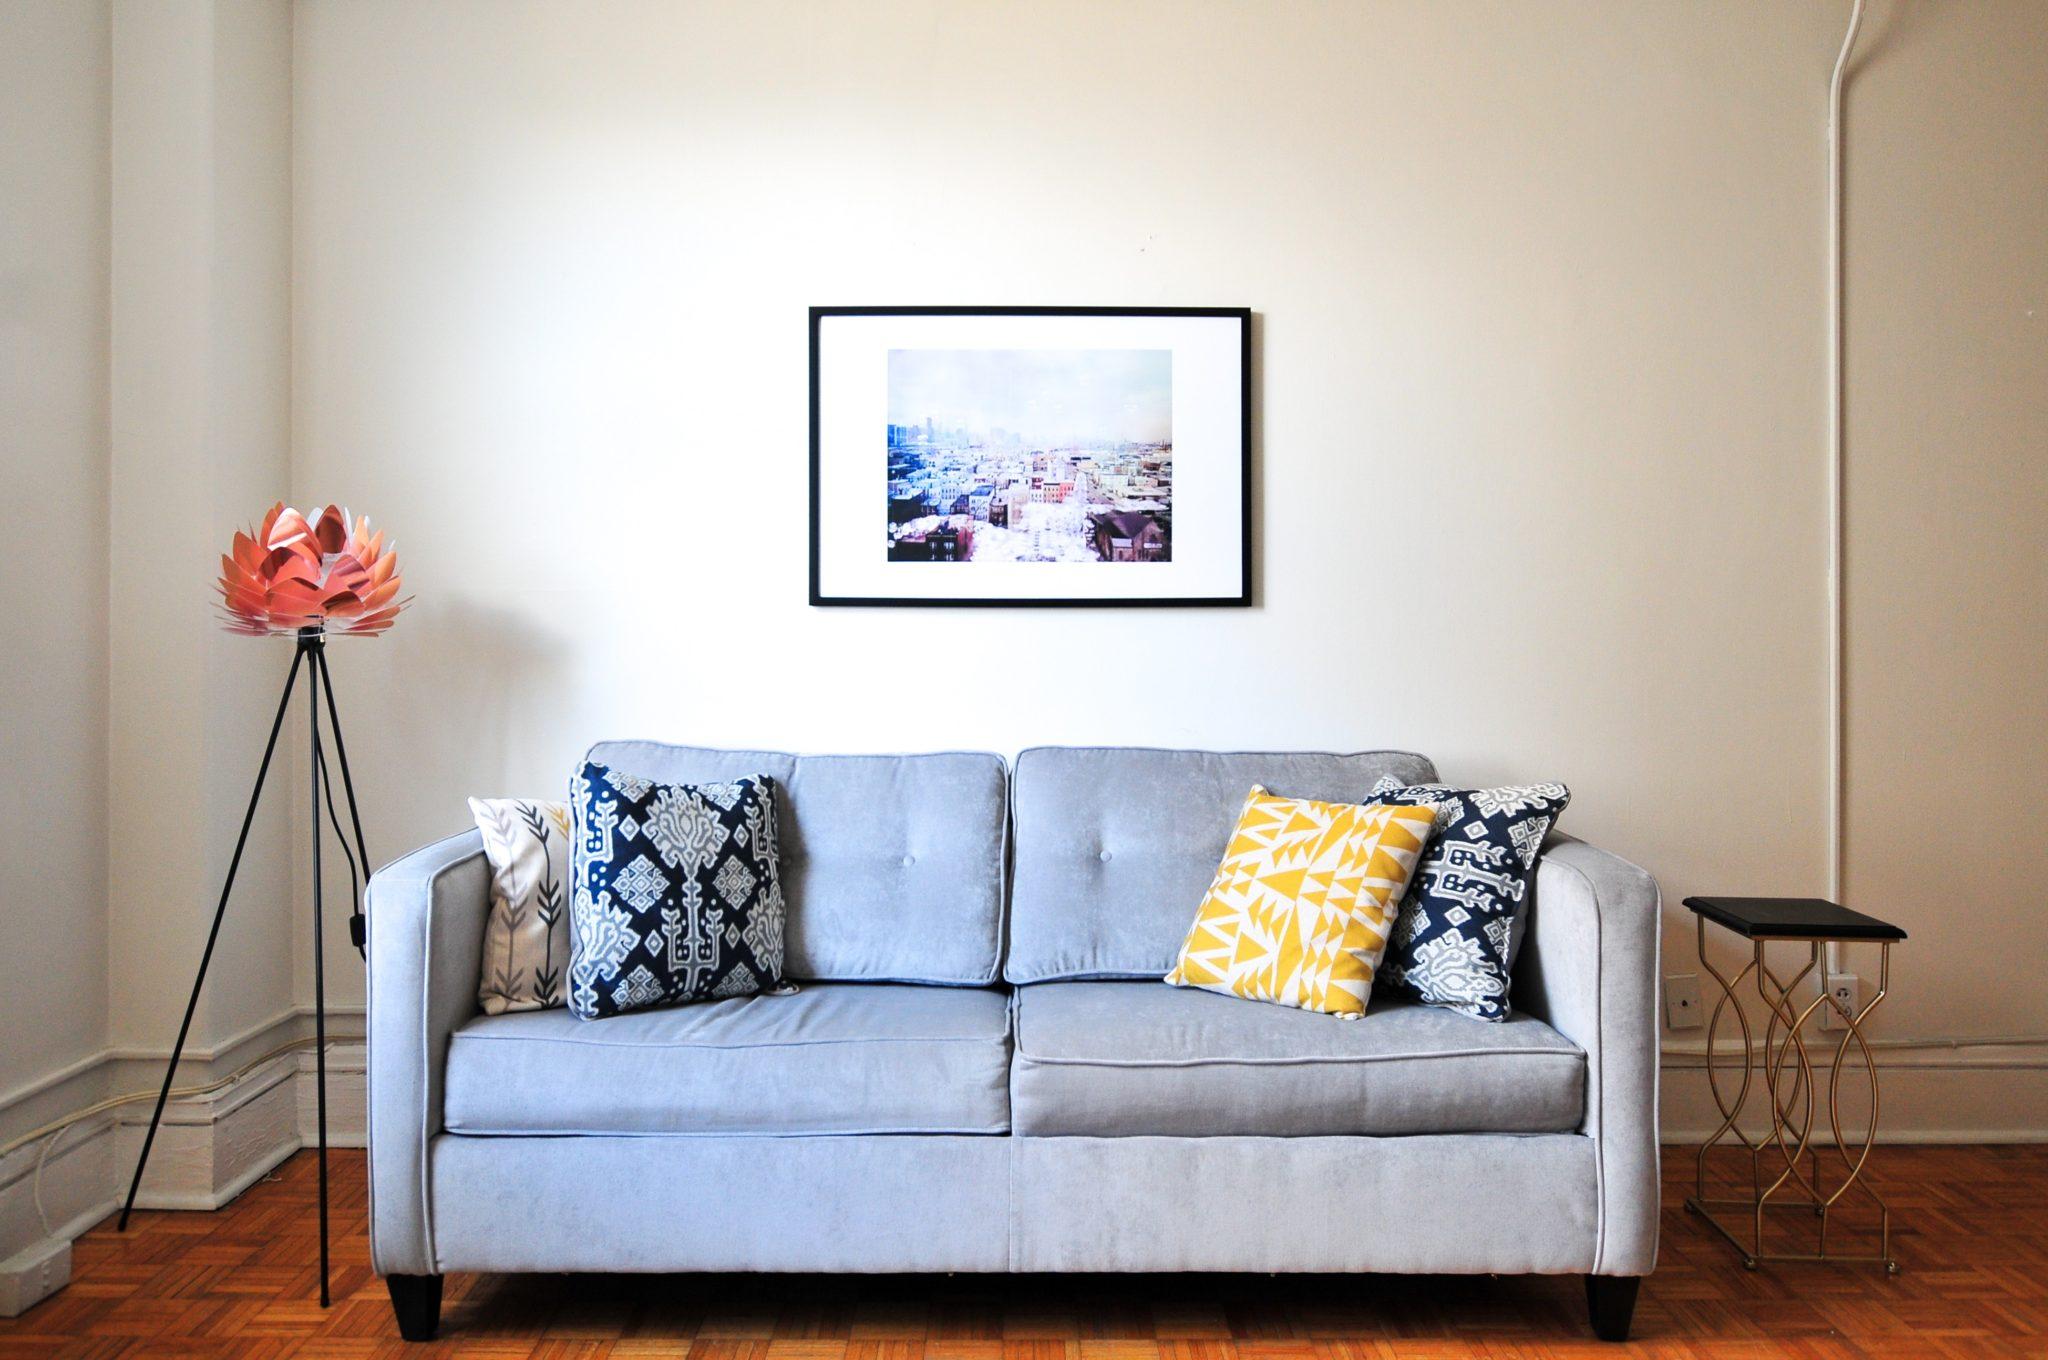 astuce partager son annonce pour vendre ses meubles plus vite le blog les cartons. Black Bedroom Furniture Sets. Home Design Ideas